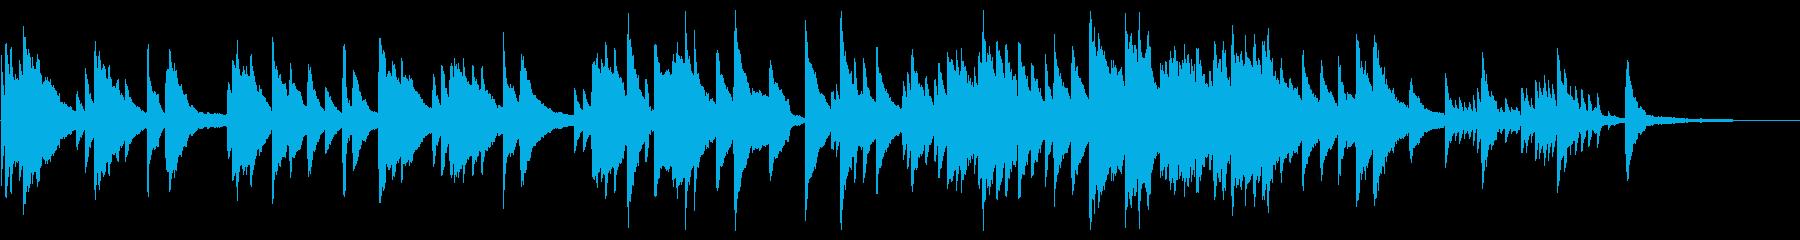 ピアノだけのシンプルBGM、感動系の再生済みの波形